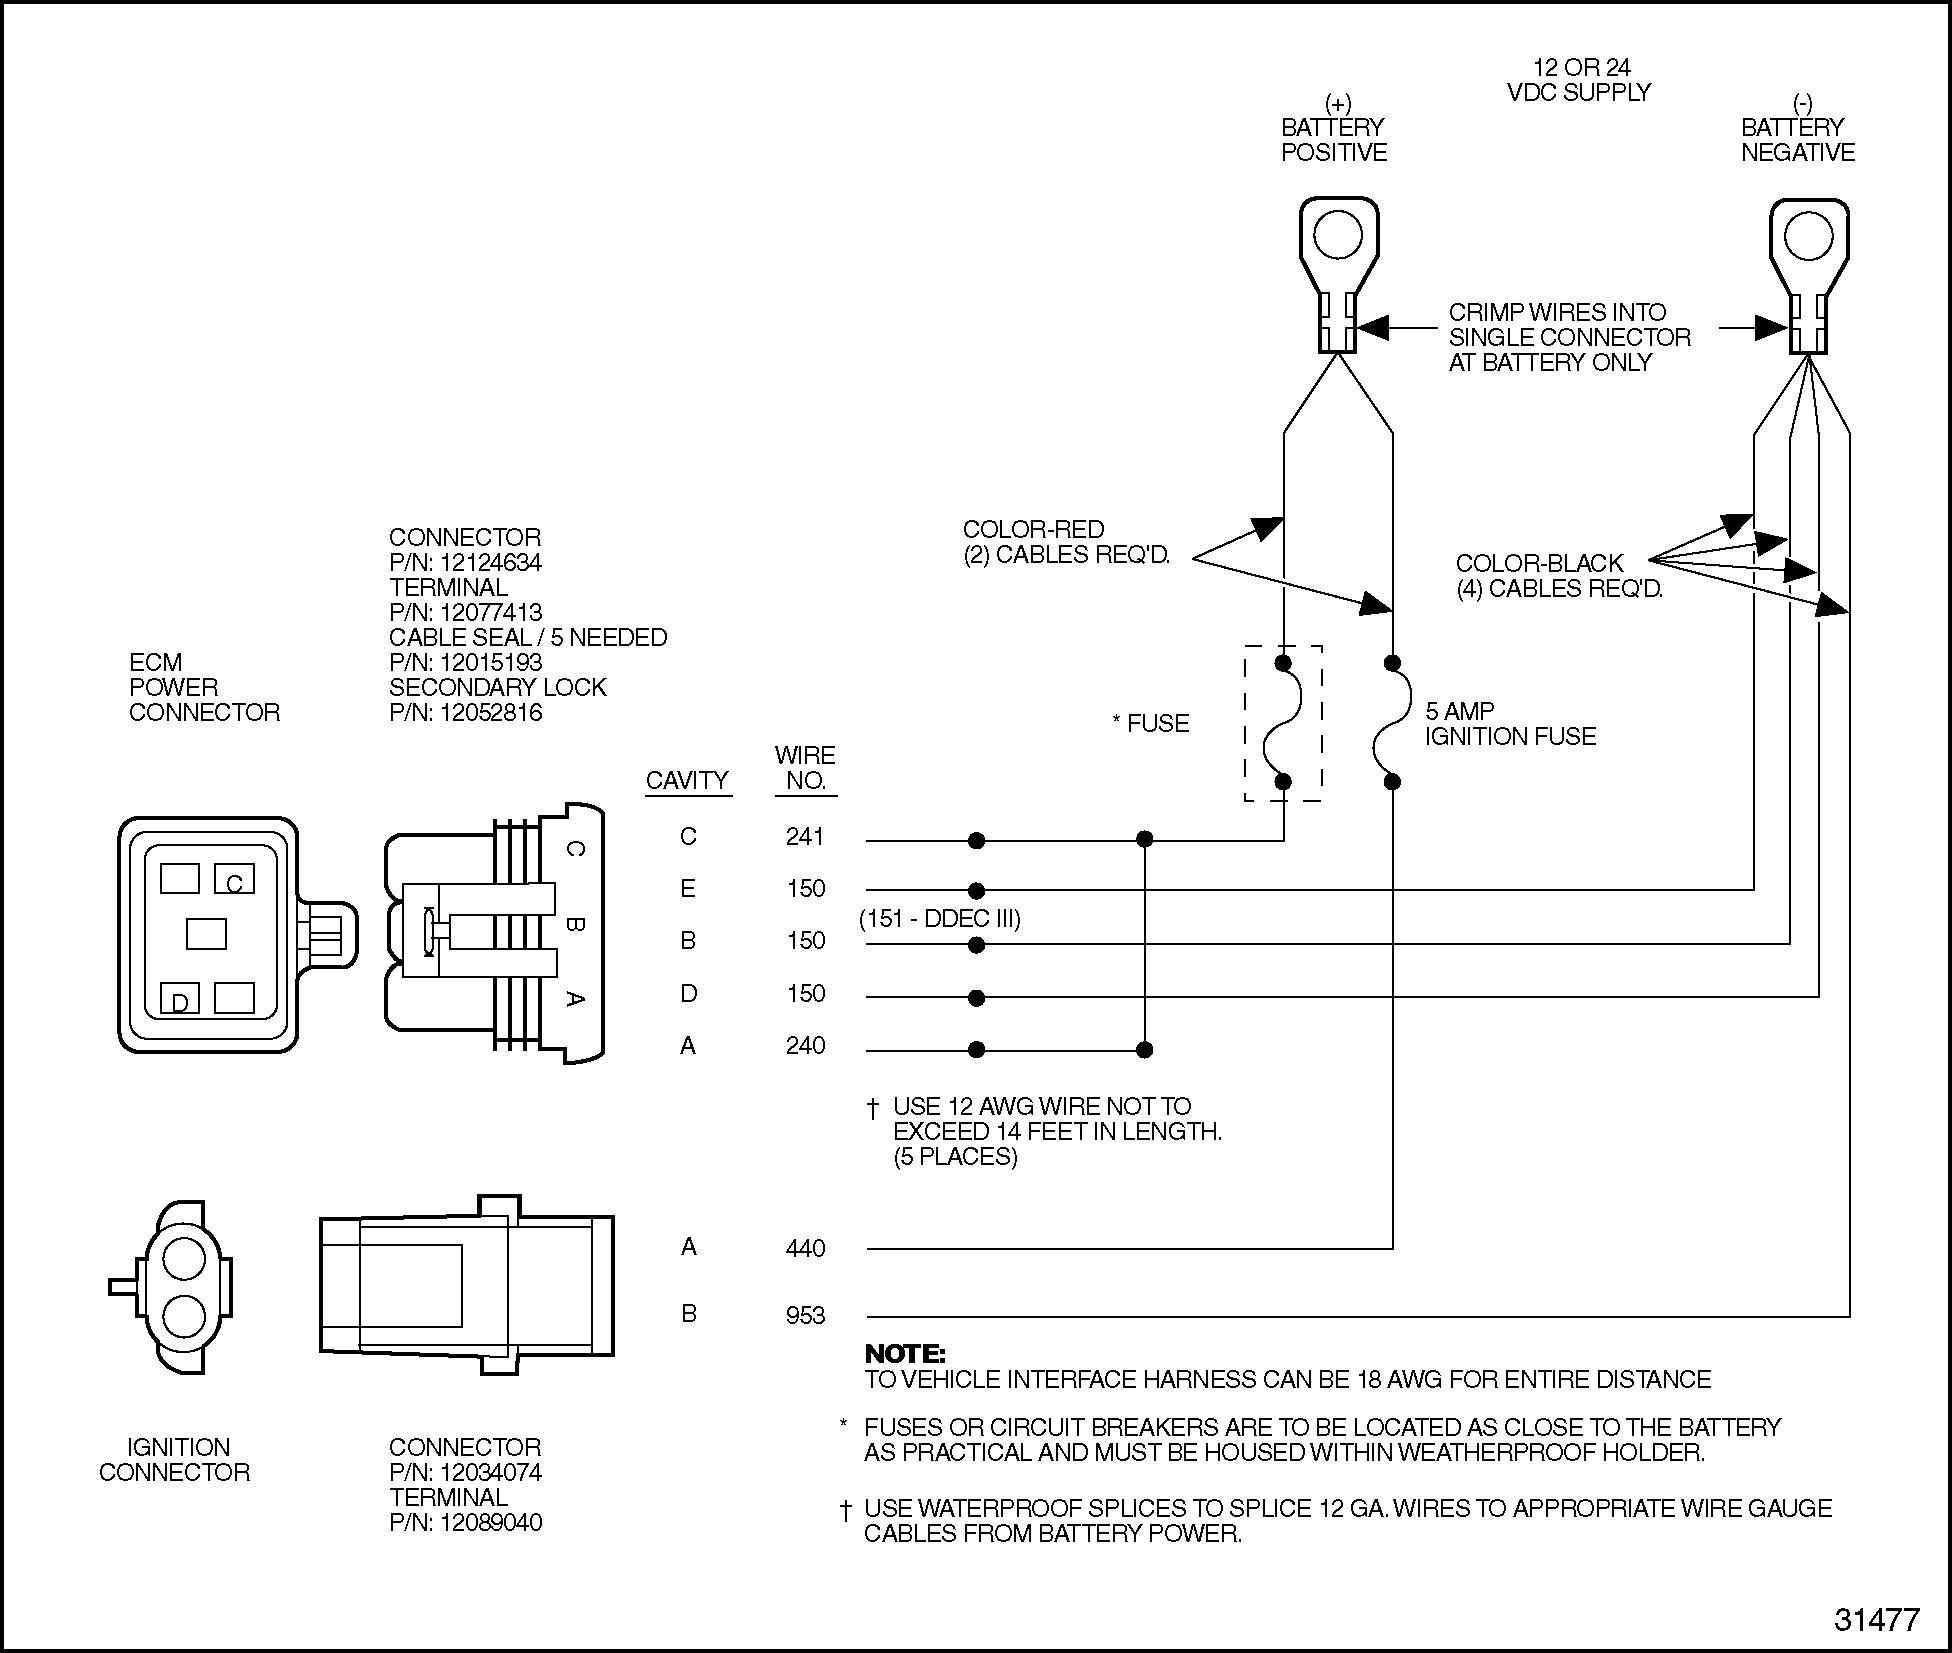 Ddec 5 Ecm Wiring Diagram Ddec Wiring Harness on